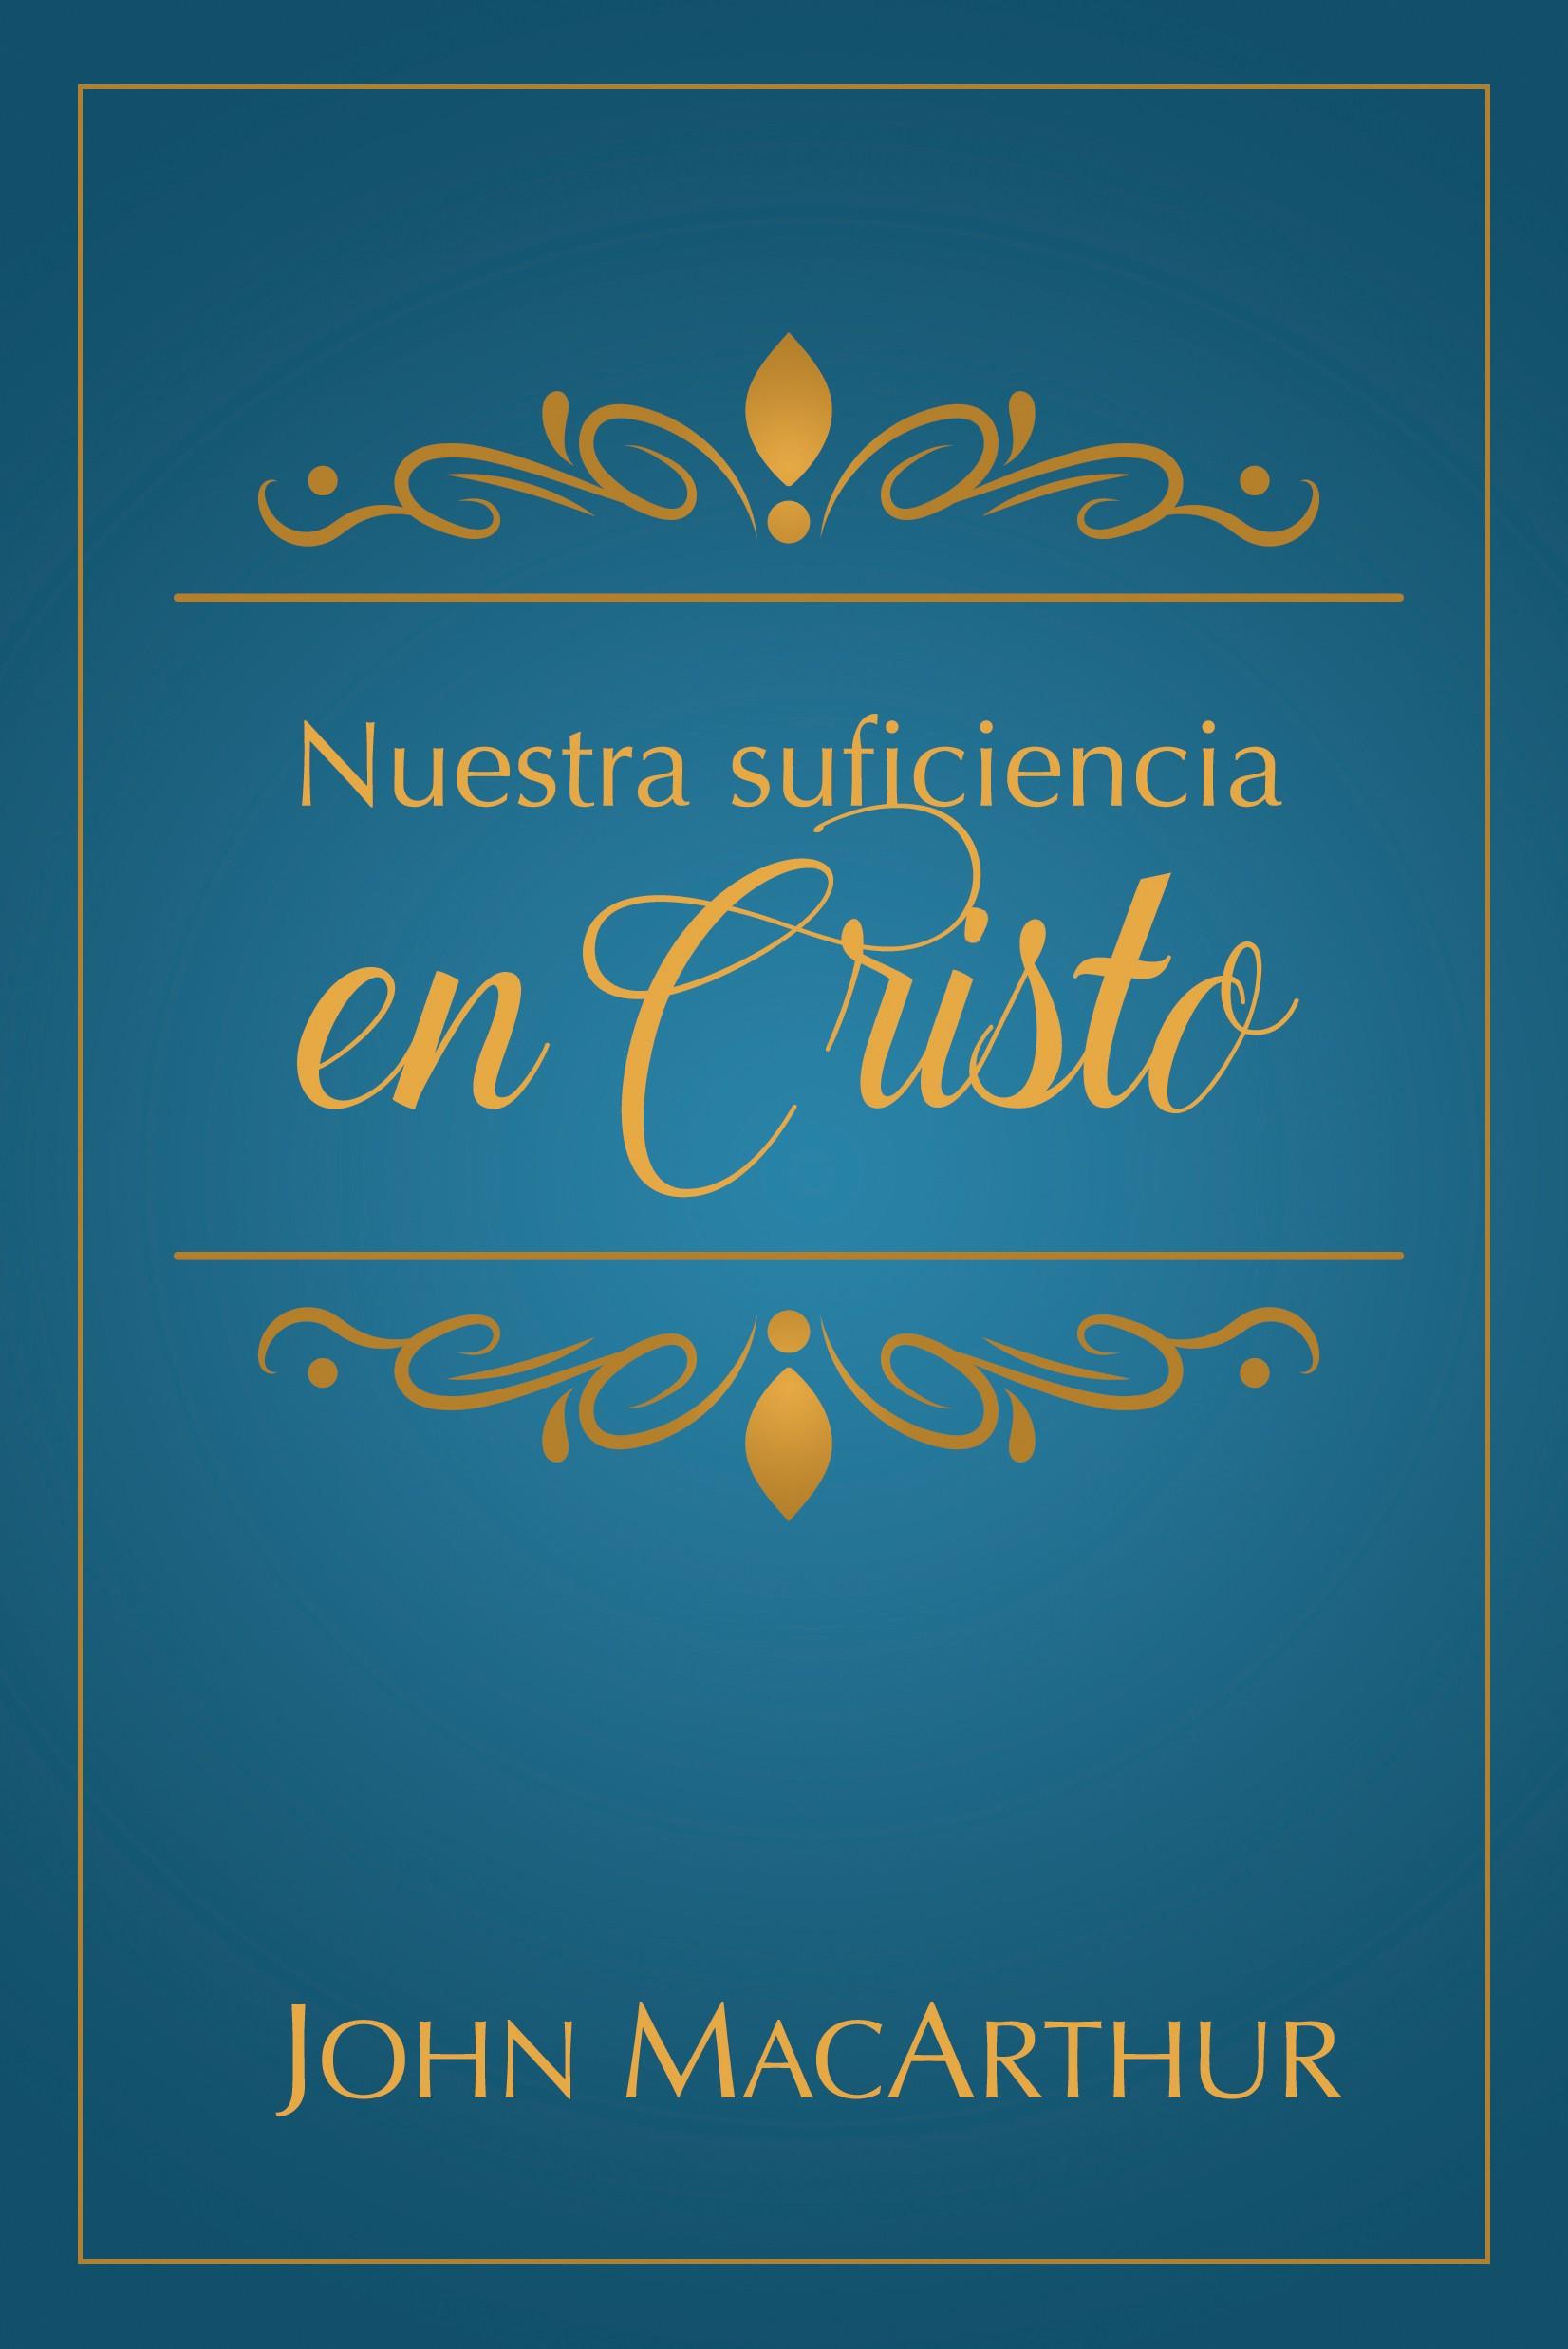 Nuestra suficiencia en Cristo